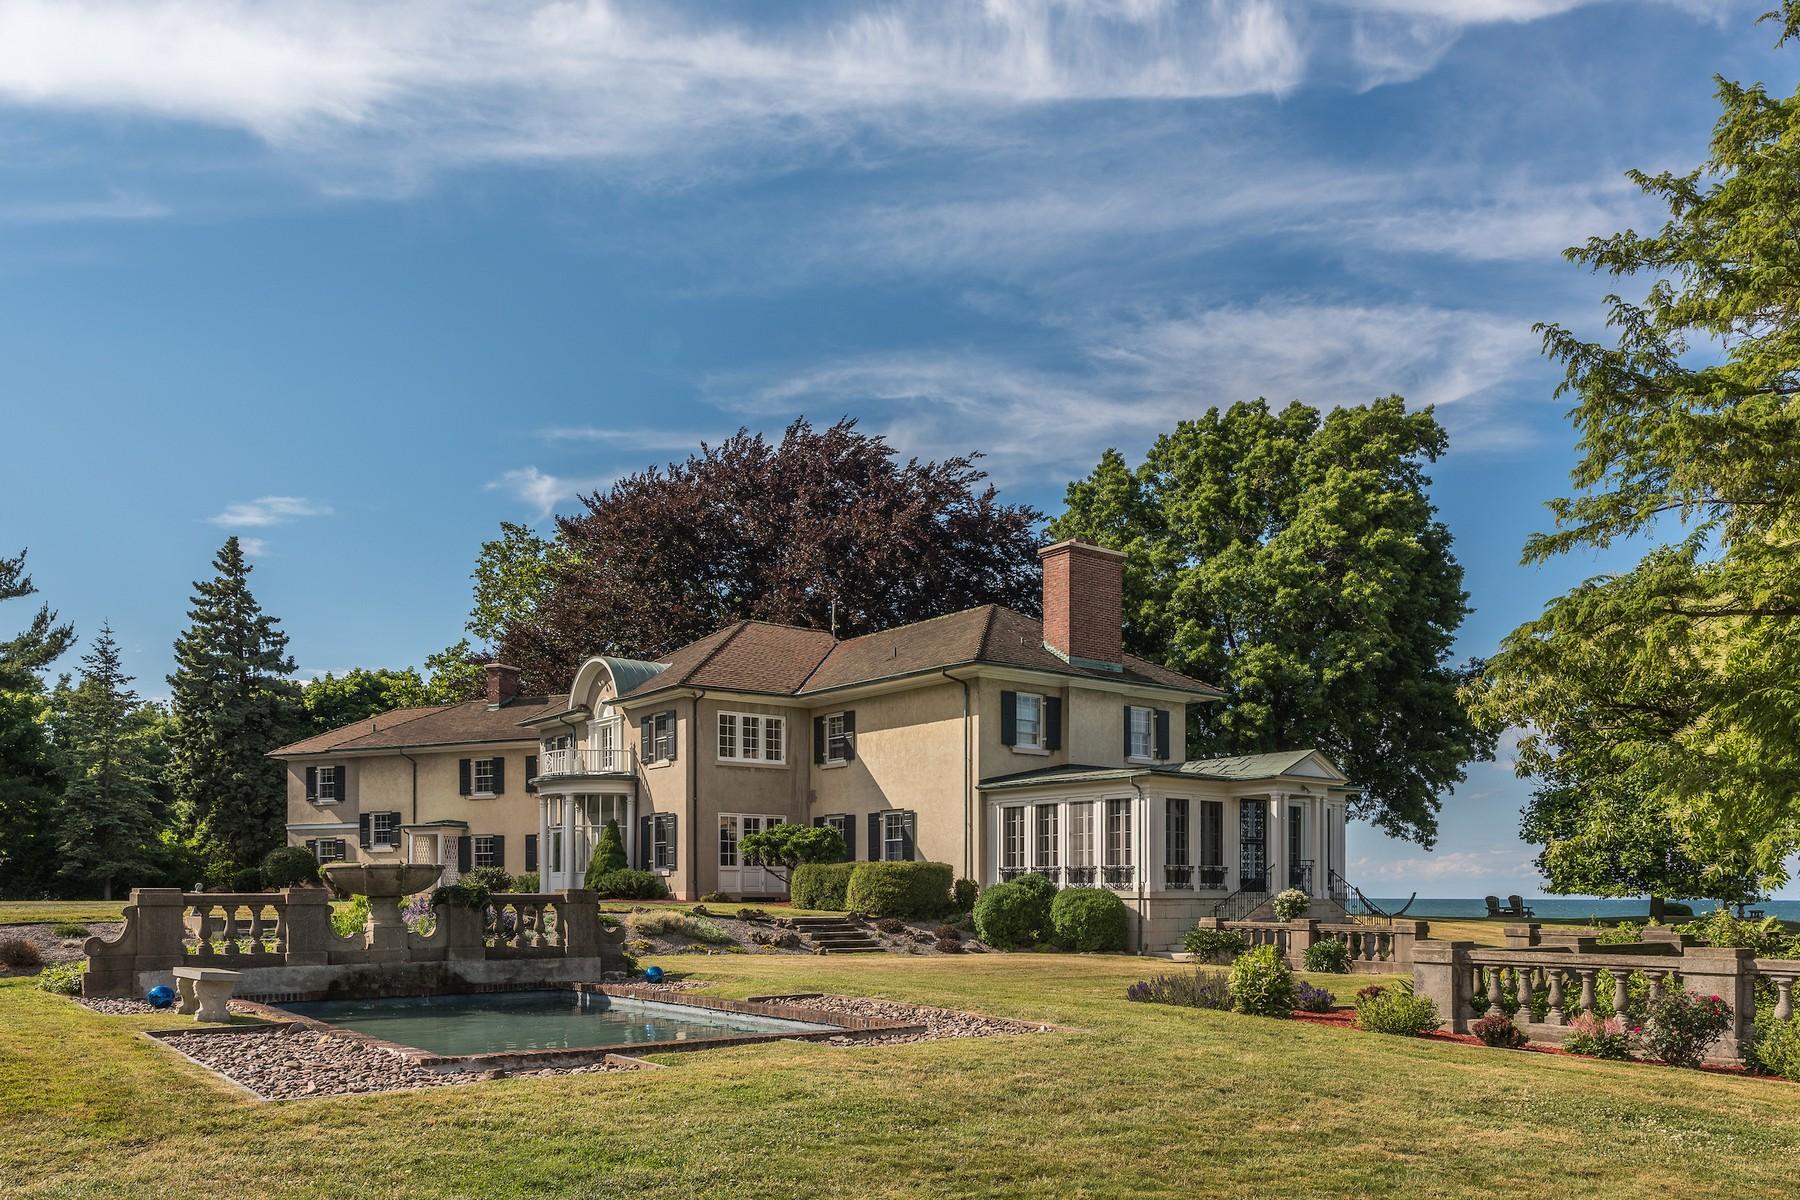 Casa Unifamiliar por un Venta en Gold Coast Estate on Lake Ontario 630 Rock Beach Rd Irondequoit, Nueva York 14617 Estados Unidos